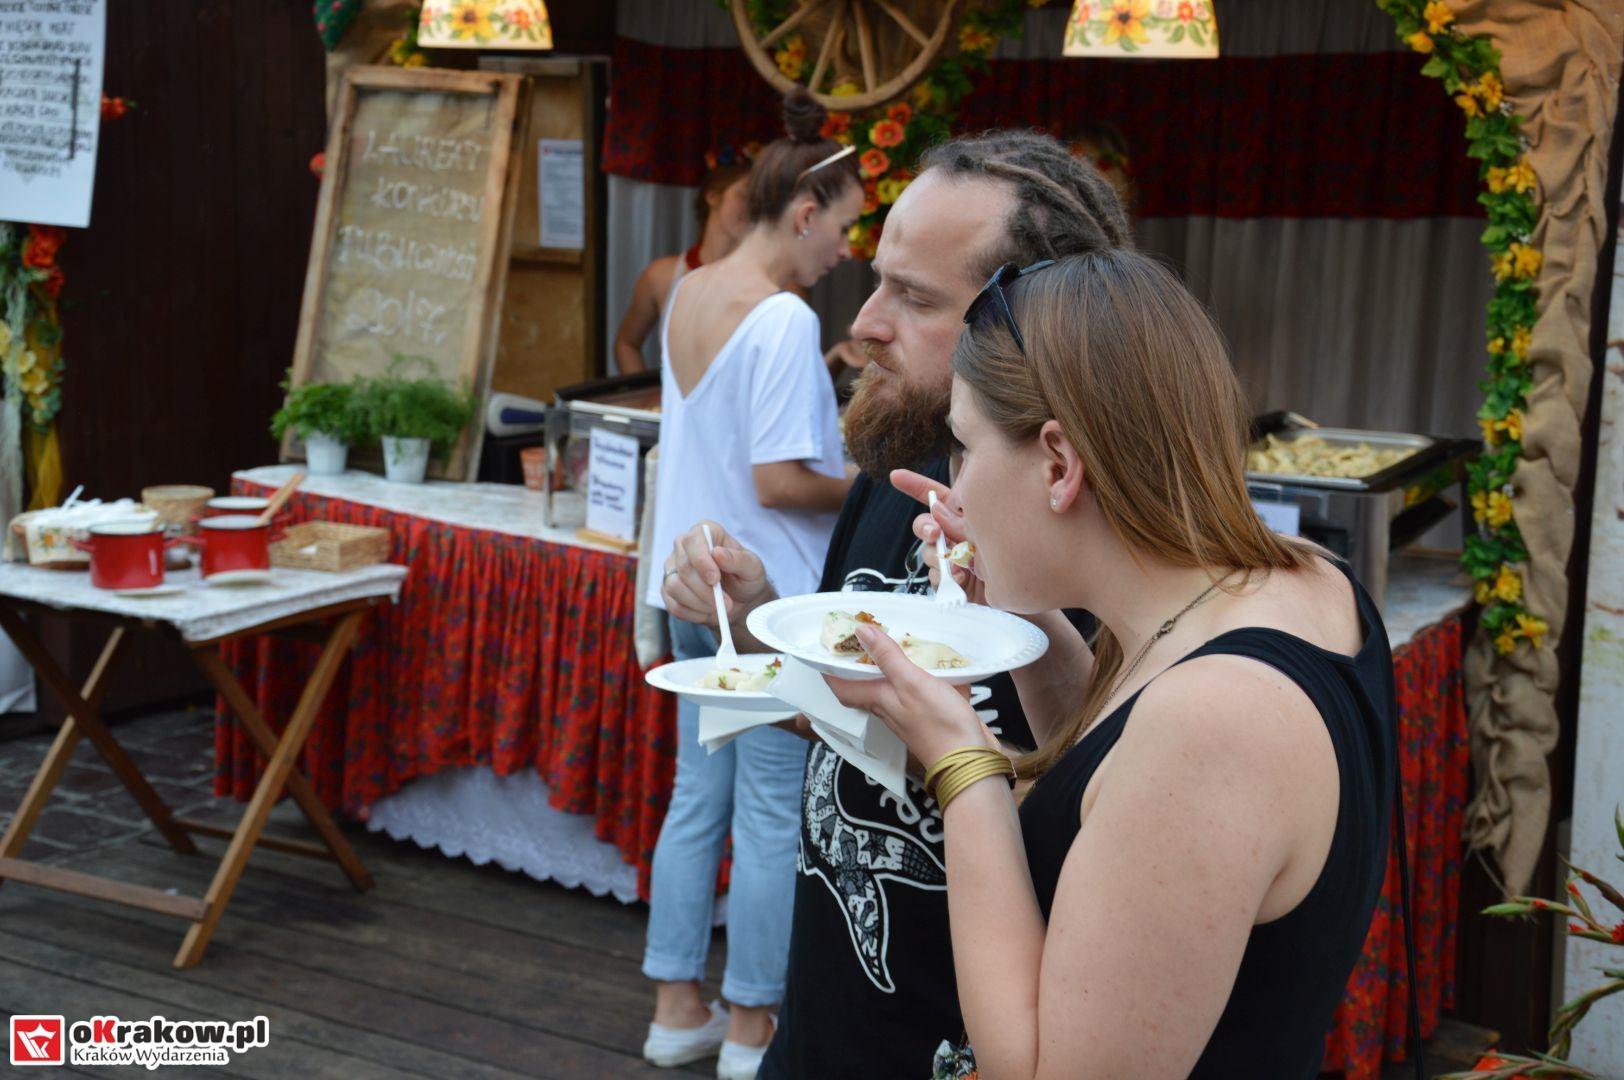 krakow festiwal pierogow maly rynek koncert cheap tobacco 87 150x150 - Galeria zdjęć Festiwal Pierogów Kraków 2018 + zdjęcia z koncertu Cheap Tobacco